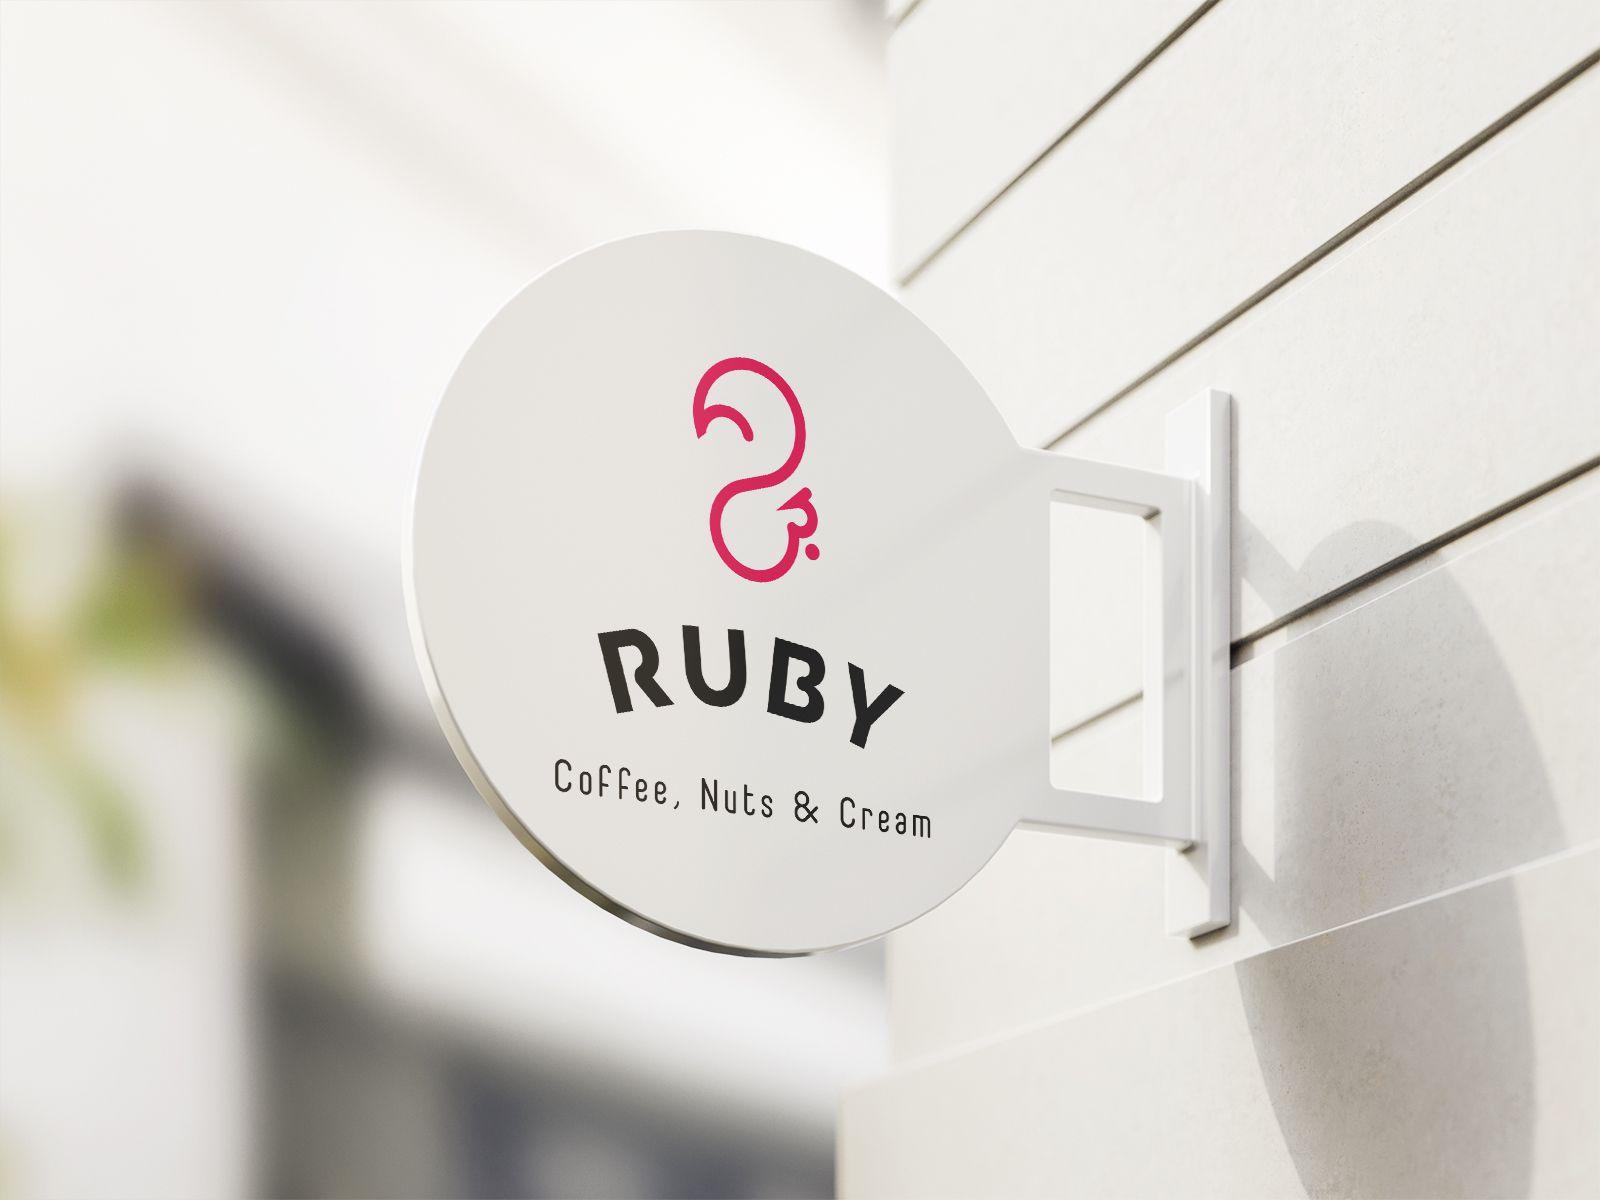 Ruby Coffee shop